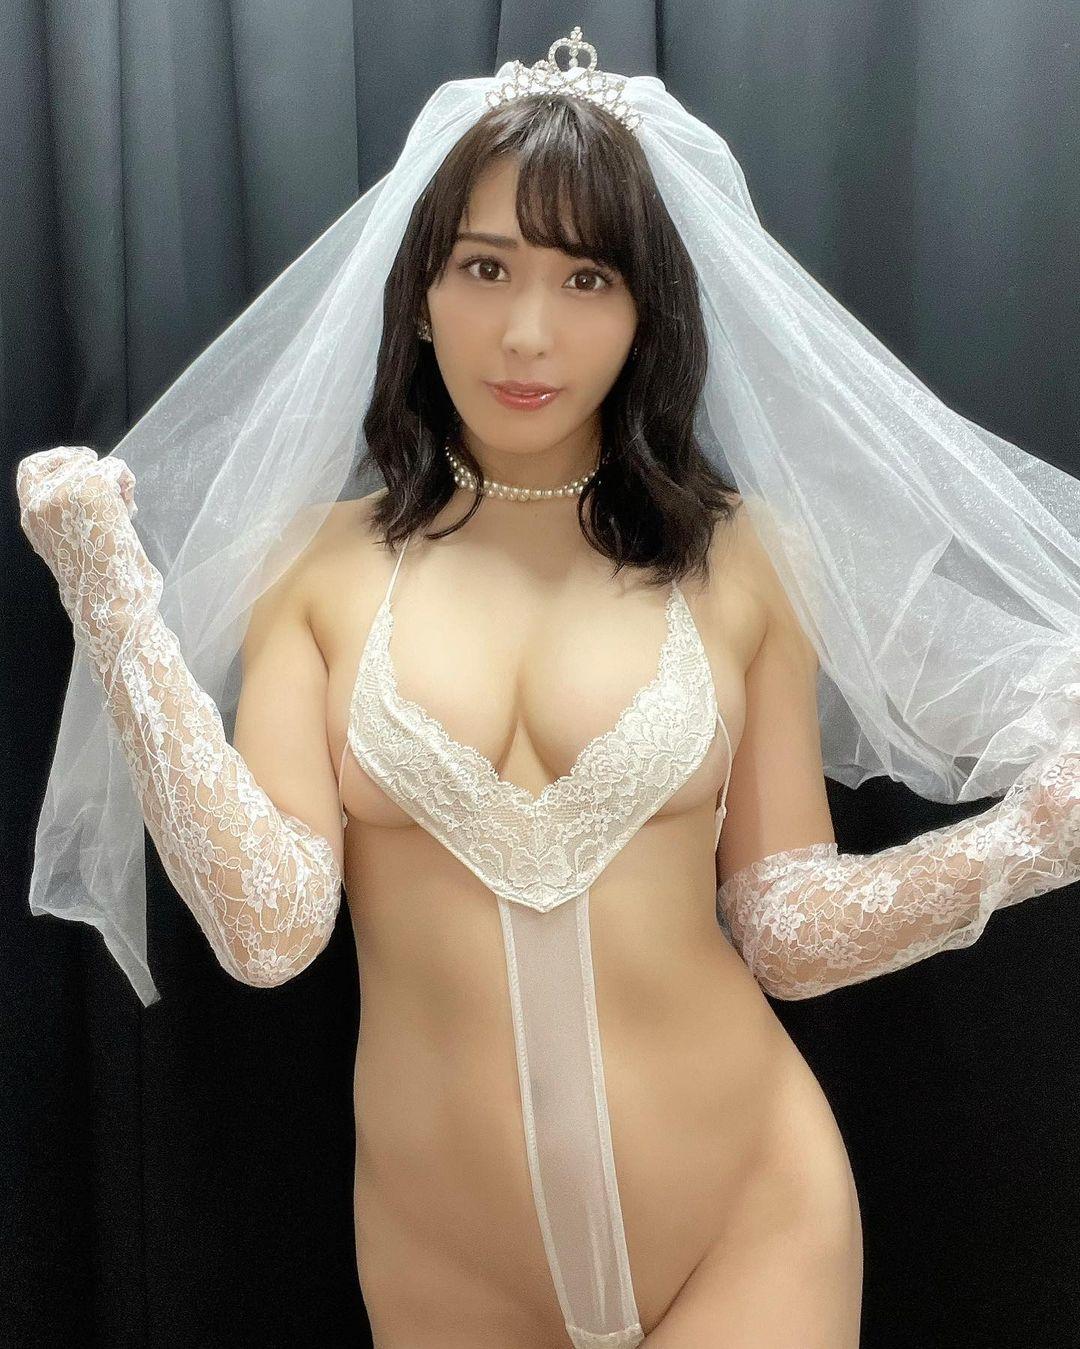 「今回もDVDで着ている衣装をイベントでも着たよー!!」大胆なハイレグ花嫁衣装姿を披露【金子智美さん/2021年10月11日】